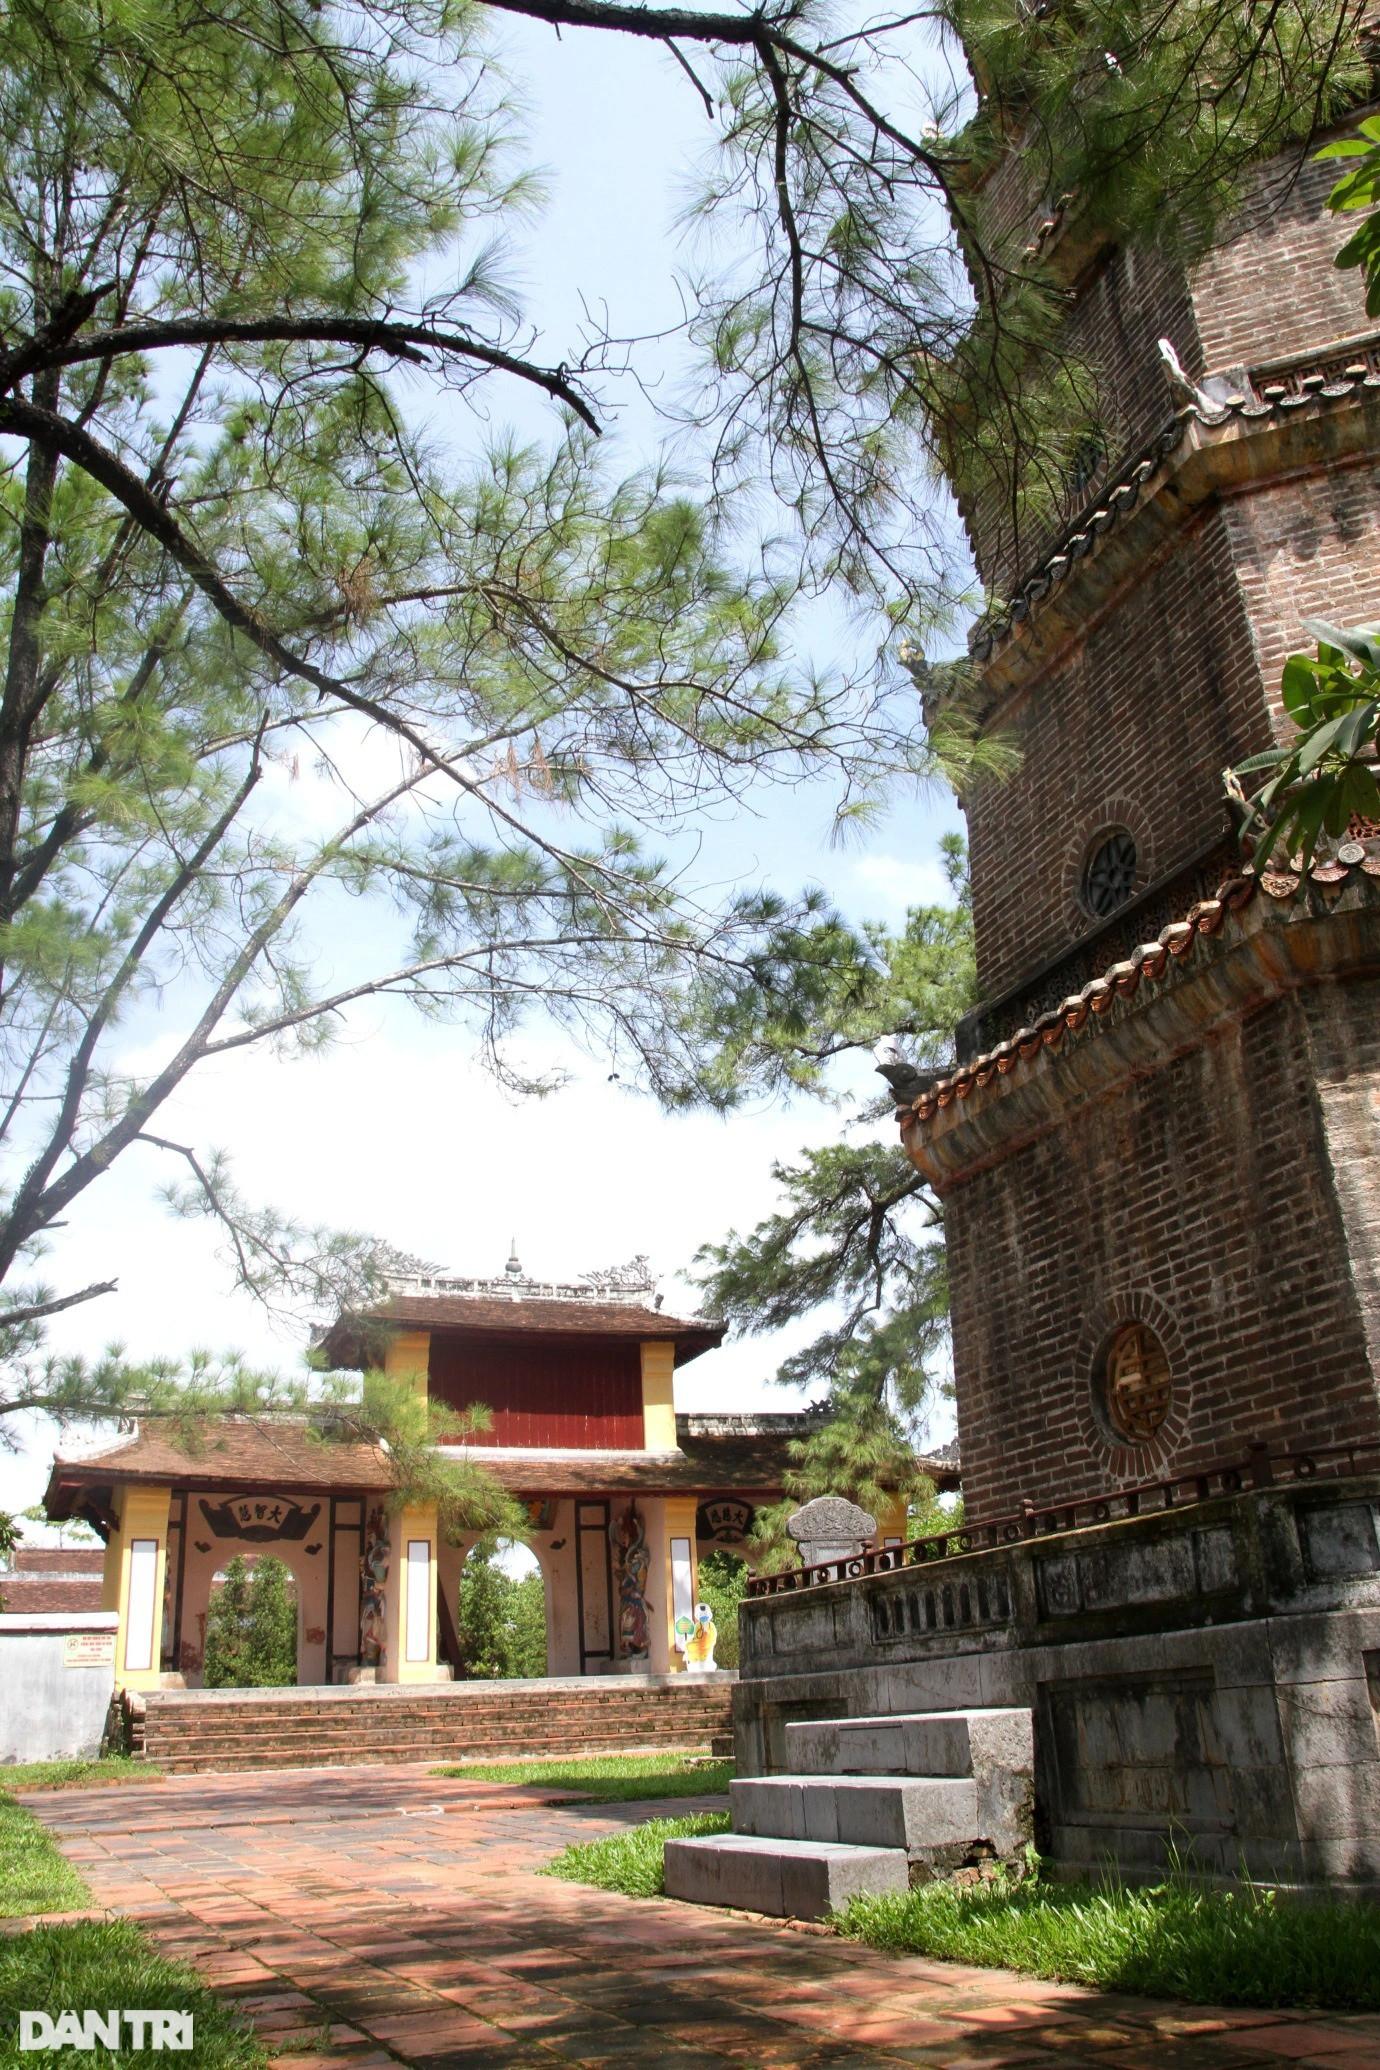 Bí ẩn bức tranh rồng bị che khuất trên cổng chùa Thiên Mụ ở cố đô Huế - 5